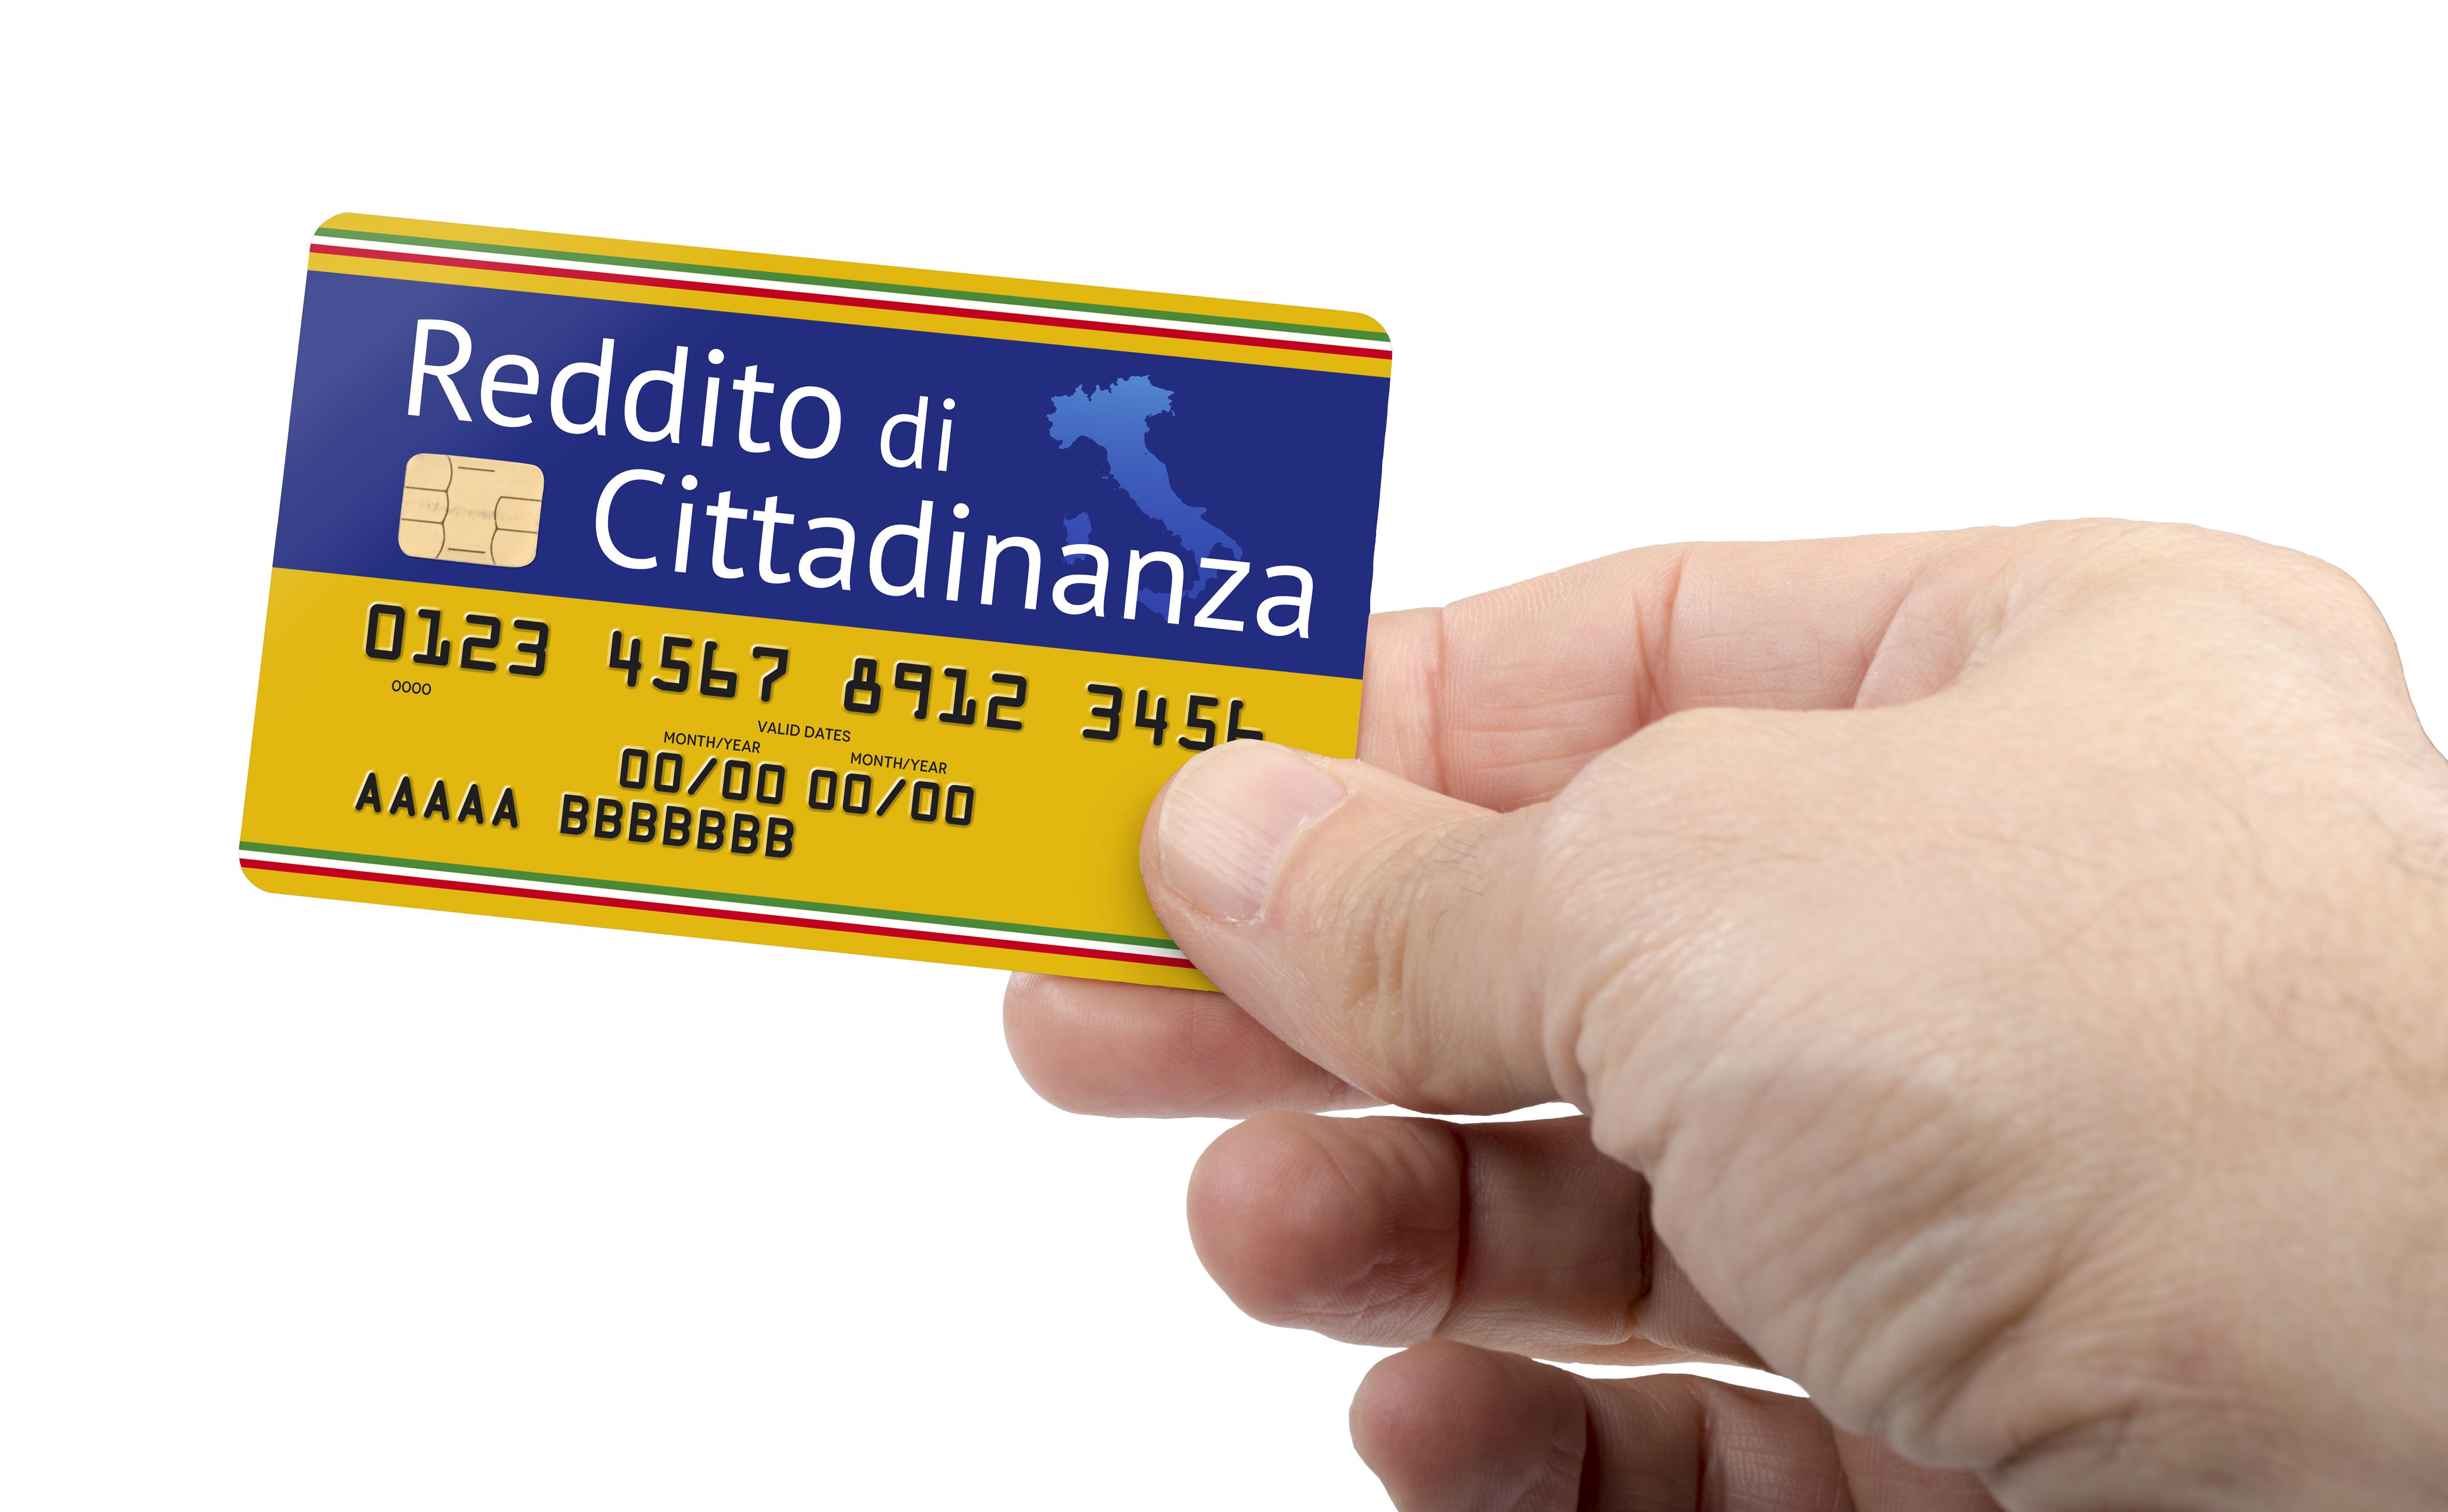 Nuovo Video Corso a cura dell'esperta Antonia De Luca -  Reddito di cittadinanza : requisiti all'accesso e verifiche del nucleo familiare